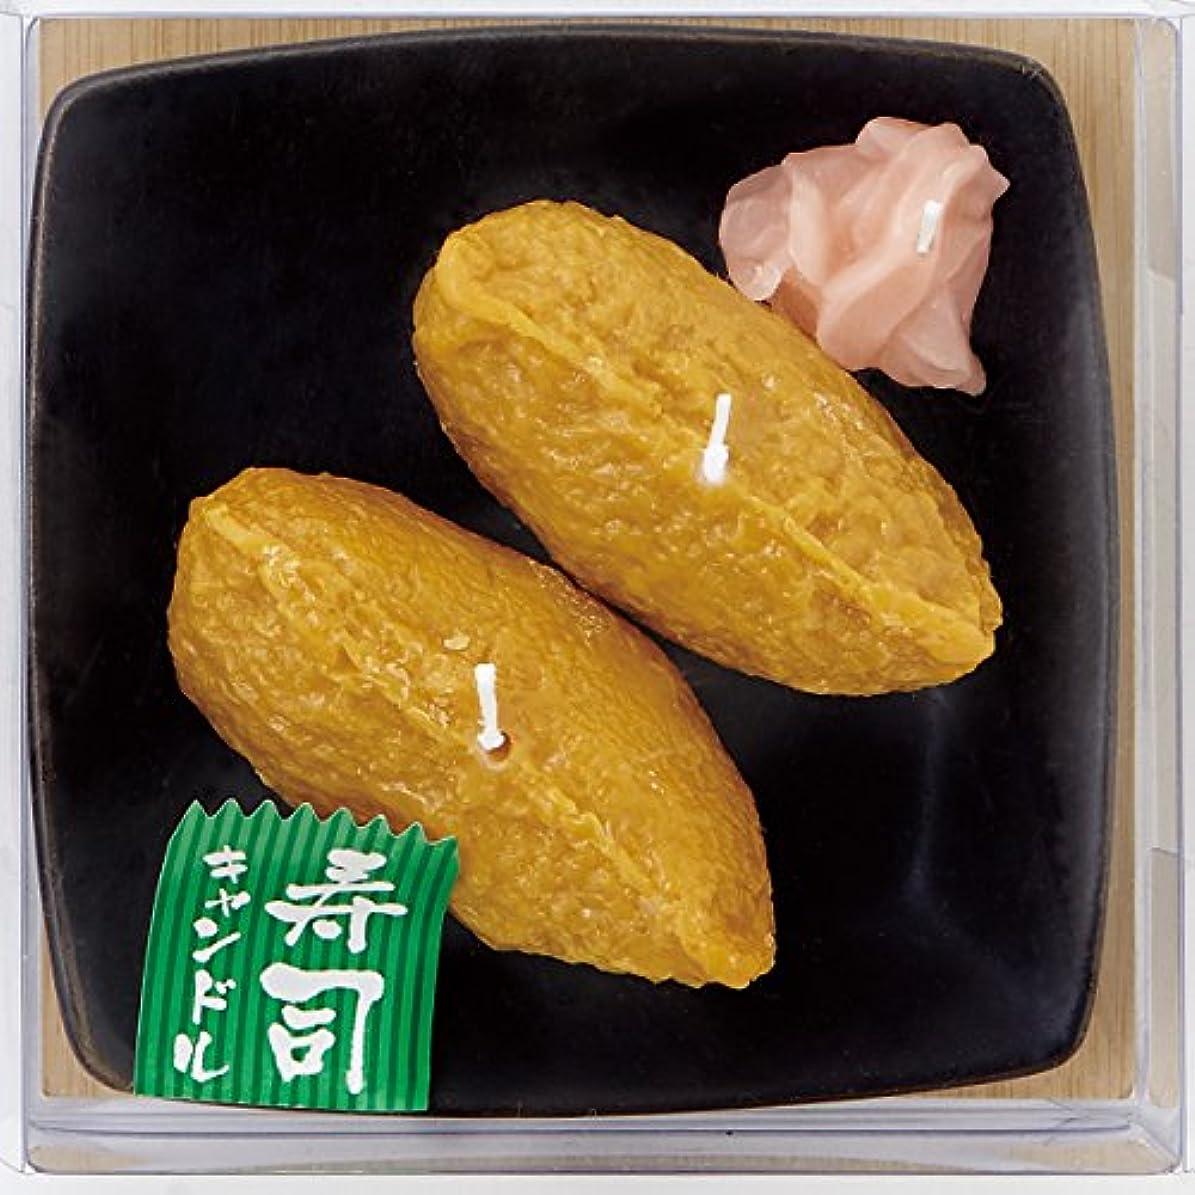 多様な課税ダウンいなり寿司キャンドル ガリ付